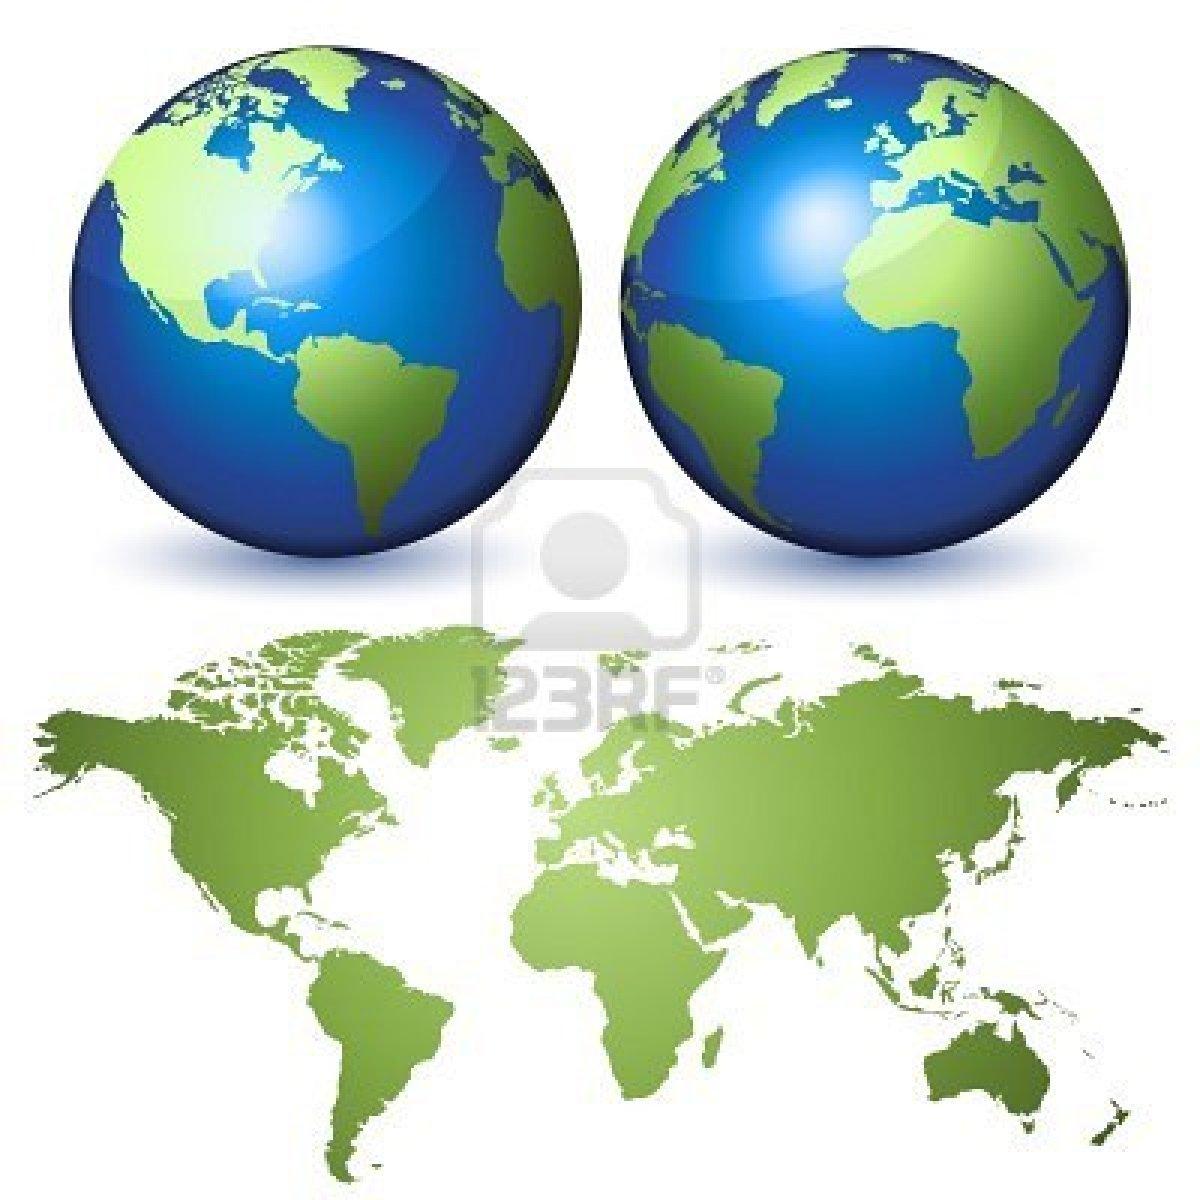 Dos Globos En Representacion De La Tierra Un Planisferio Sy Hijau